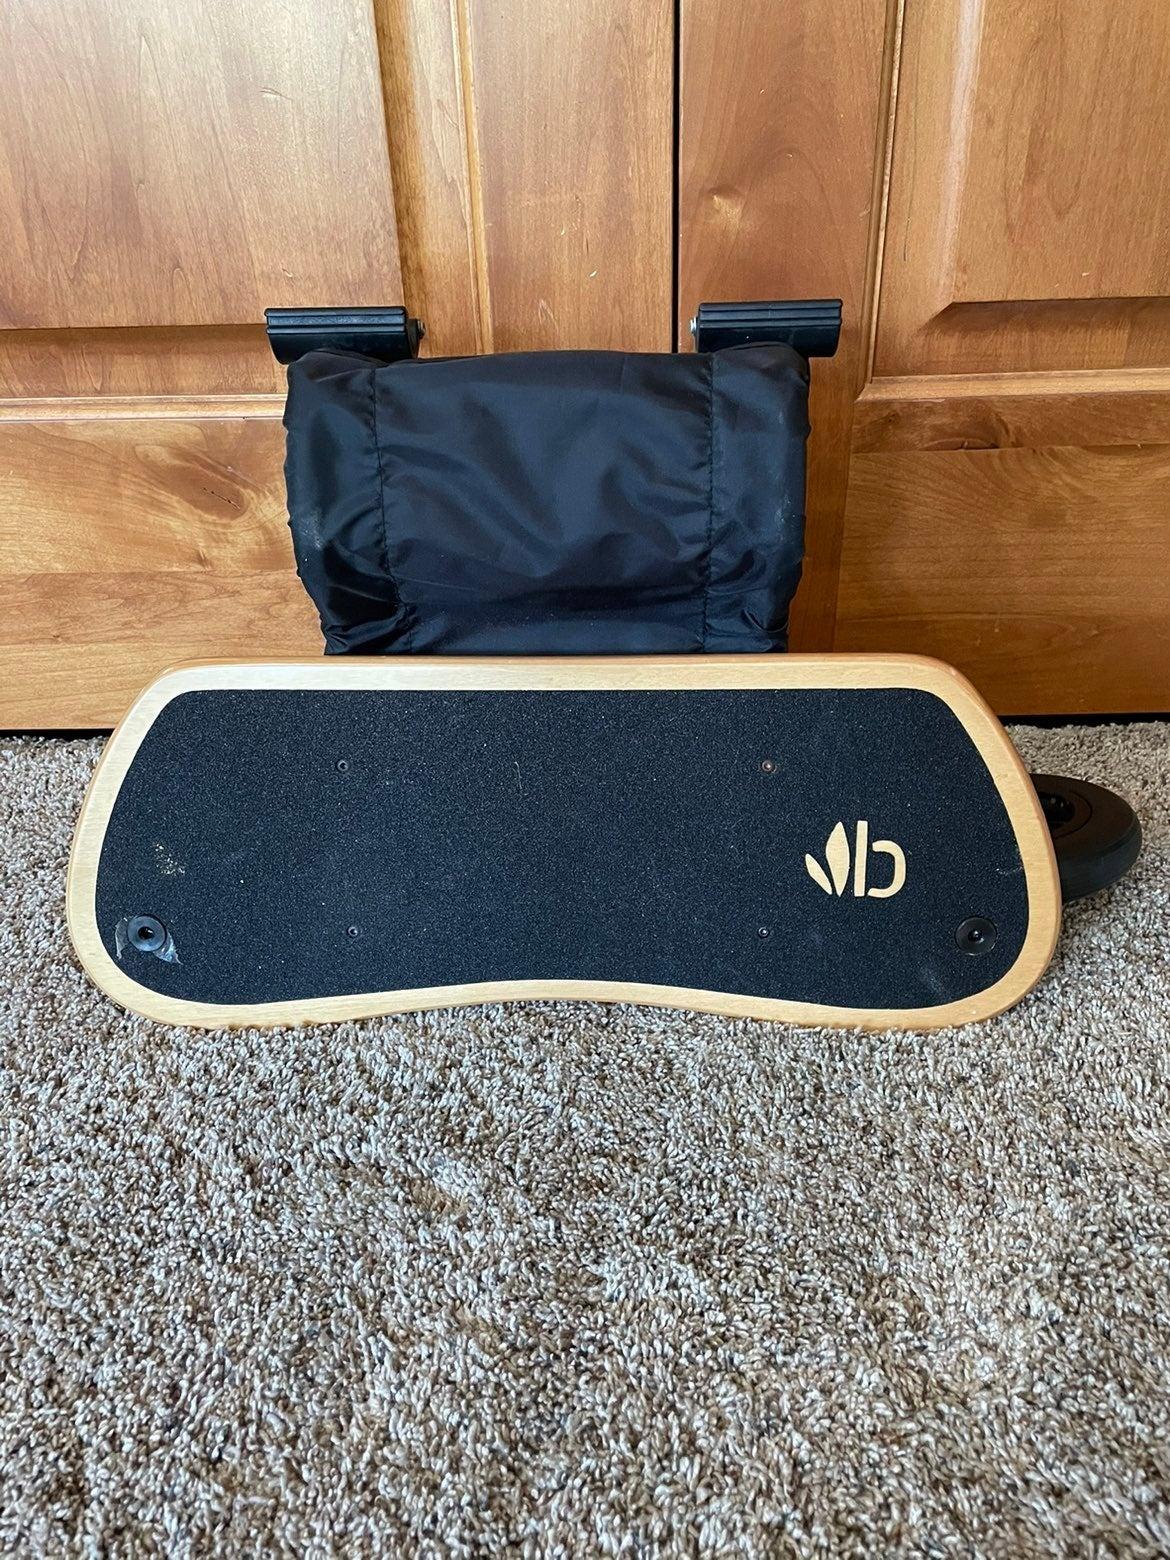 Bumbleride Mini Board Attachment